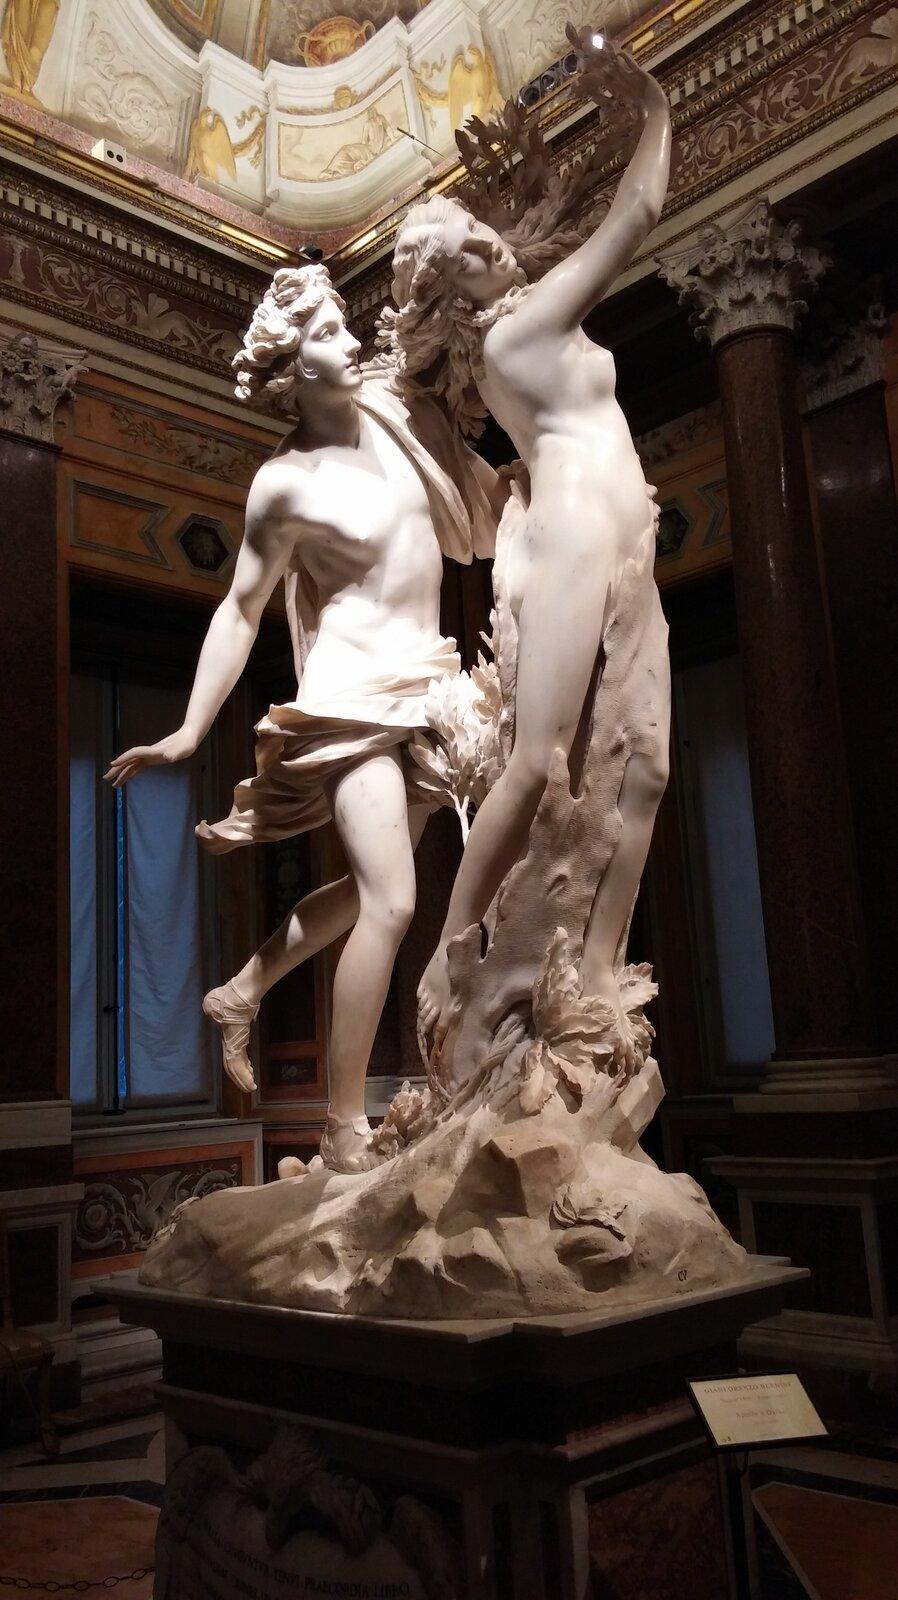 """Fotografia przedstawia rzeźbę Gian Lorenzo Berninego pt. """"Apollo iDafne zmieniająca się wdrzewo laurowe"""". Figura składa się zdwóch części – podobizny Apolla iDafne, która przeistacza się wdrzewo. Apollo to młody szczupły mężczyzna, który ma średniej długości kręcone włosy, jest przepasany chustą, która zakrywa jego genitalia, na jego nogach widoczne są sandały. Mężczyzna zzaciekawieniem obserwuje kobietę, która zamienia się wdrzewo. Dafne to naga imłoda kobieta, odługich włosach. Kobieta jest wtrakcie transformacji – jej nogi zamieniają się wkorę drzewną, aręce zamieniają się wliściaste gałęzie. Kobieta jest przerażona, na jej twarzy widoczny jest ból icierpienie. Figura Apolla iDafne została wykonana zjasnego kamienia, iznajduje się wSali wystawowej."""